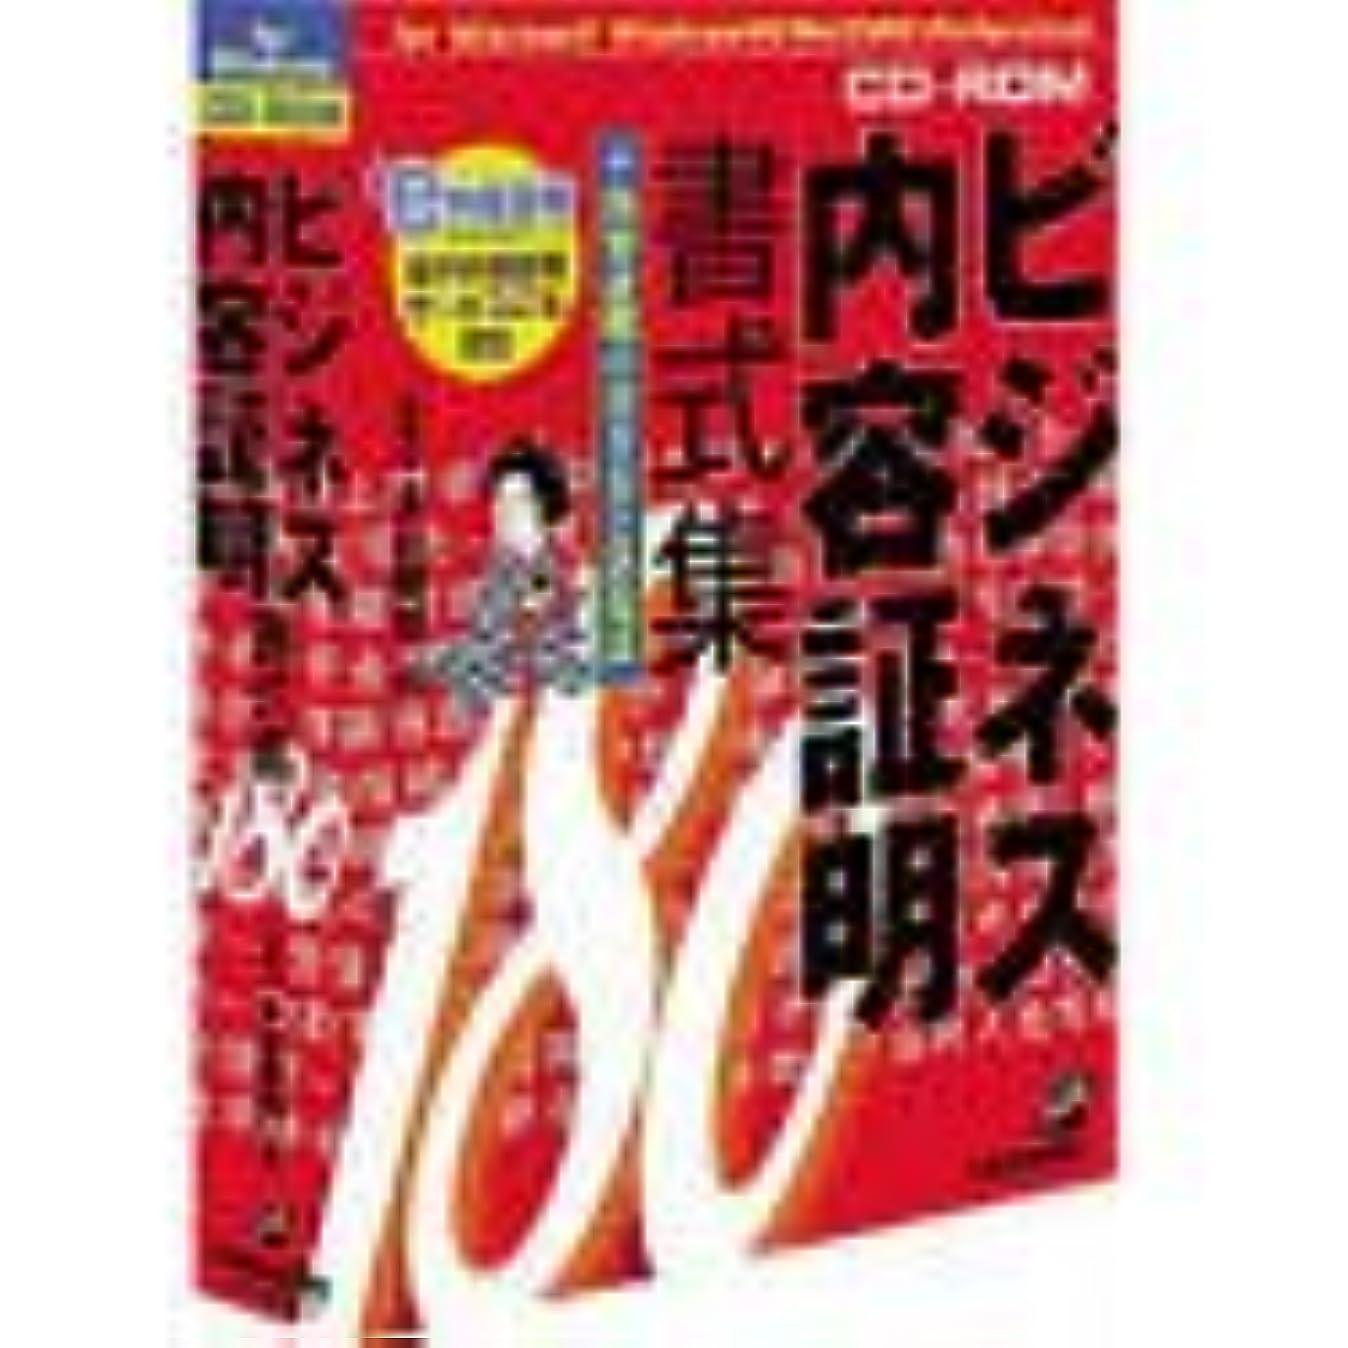 トピック実行する男らしさCD-ROM ビジネス内容証明書式集180